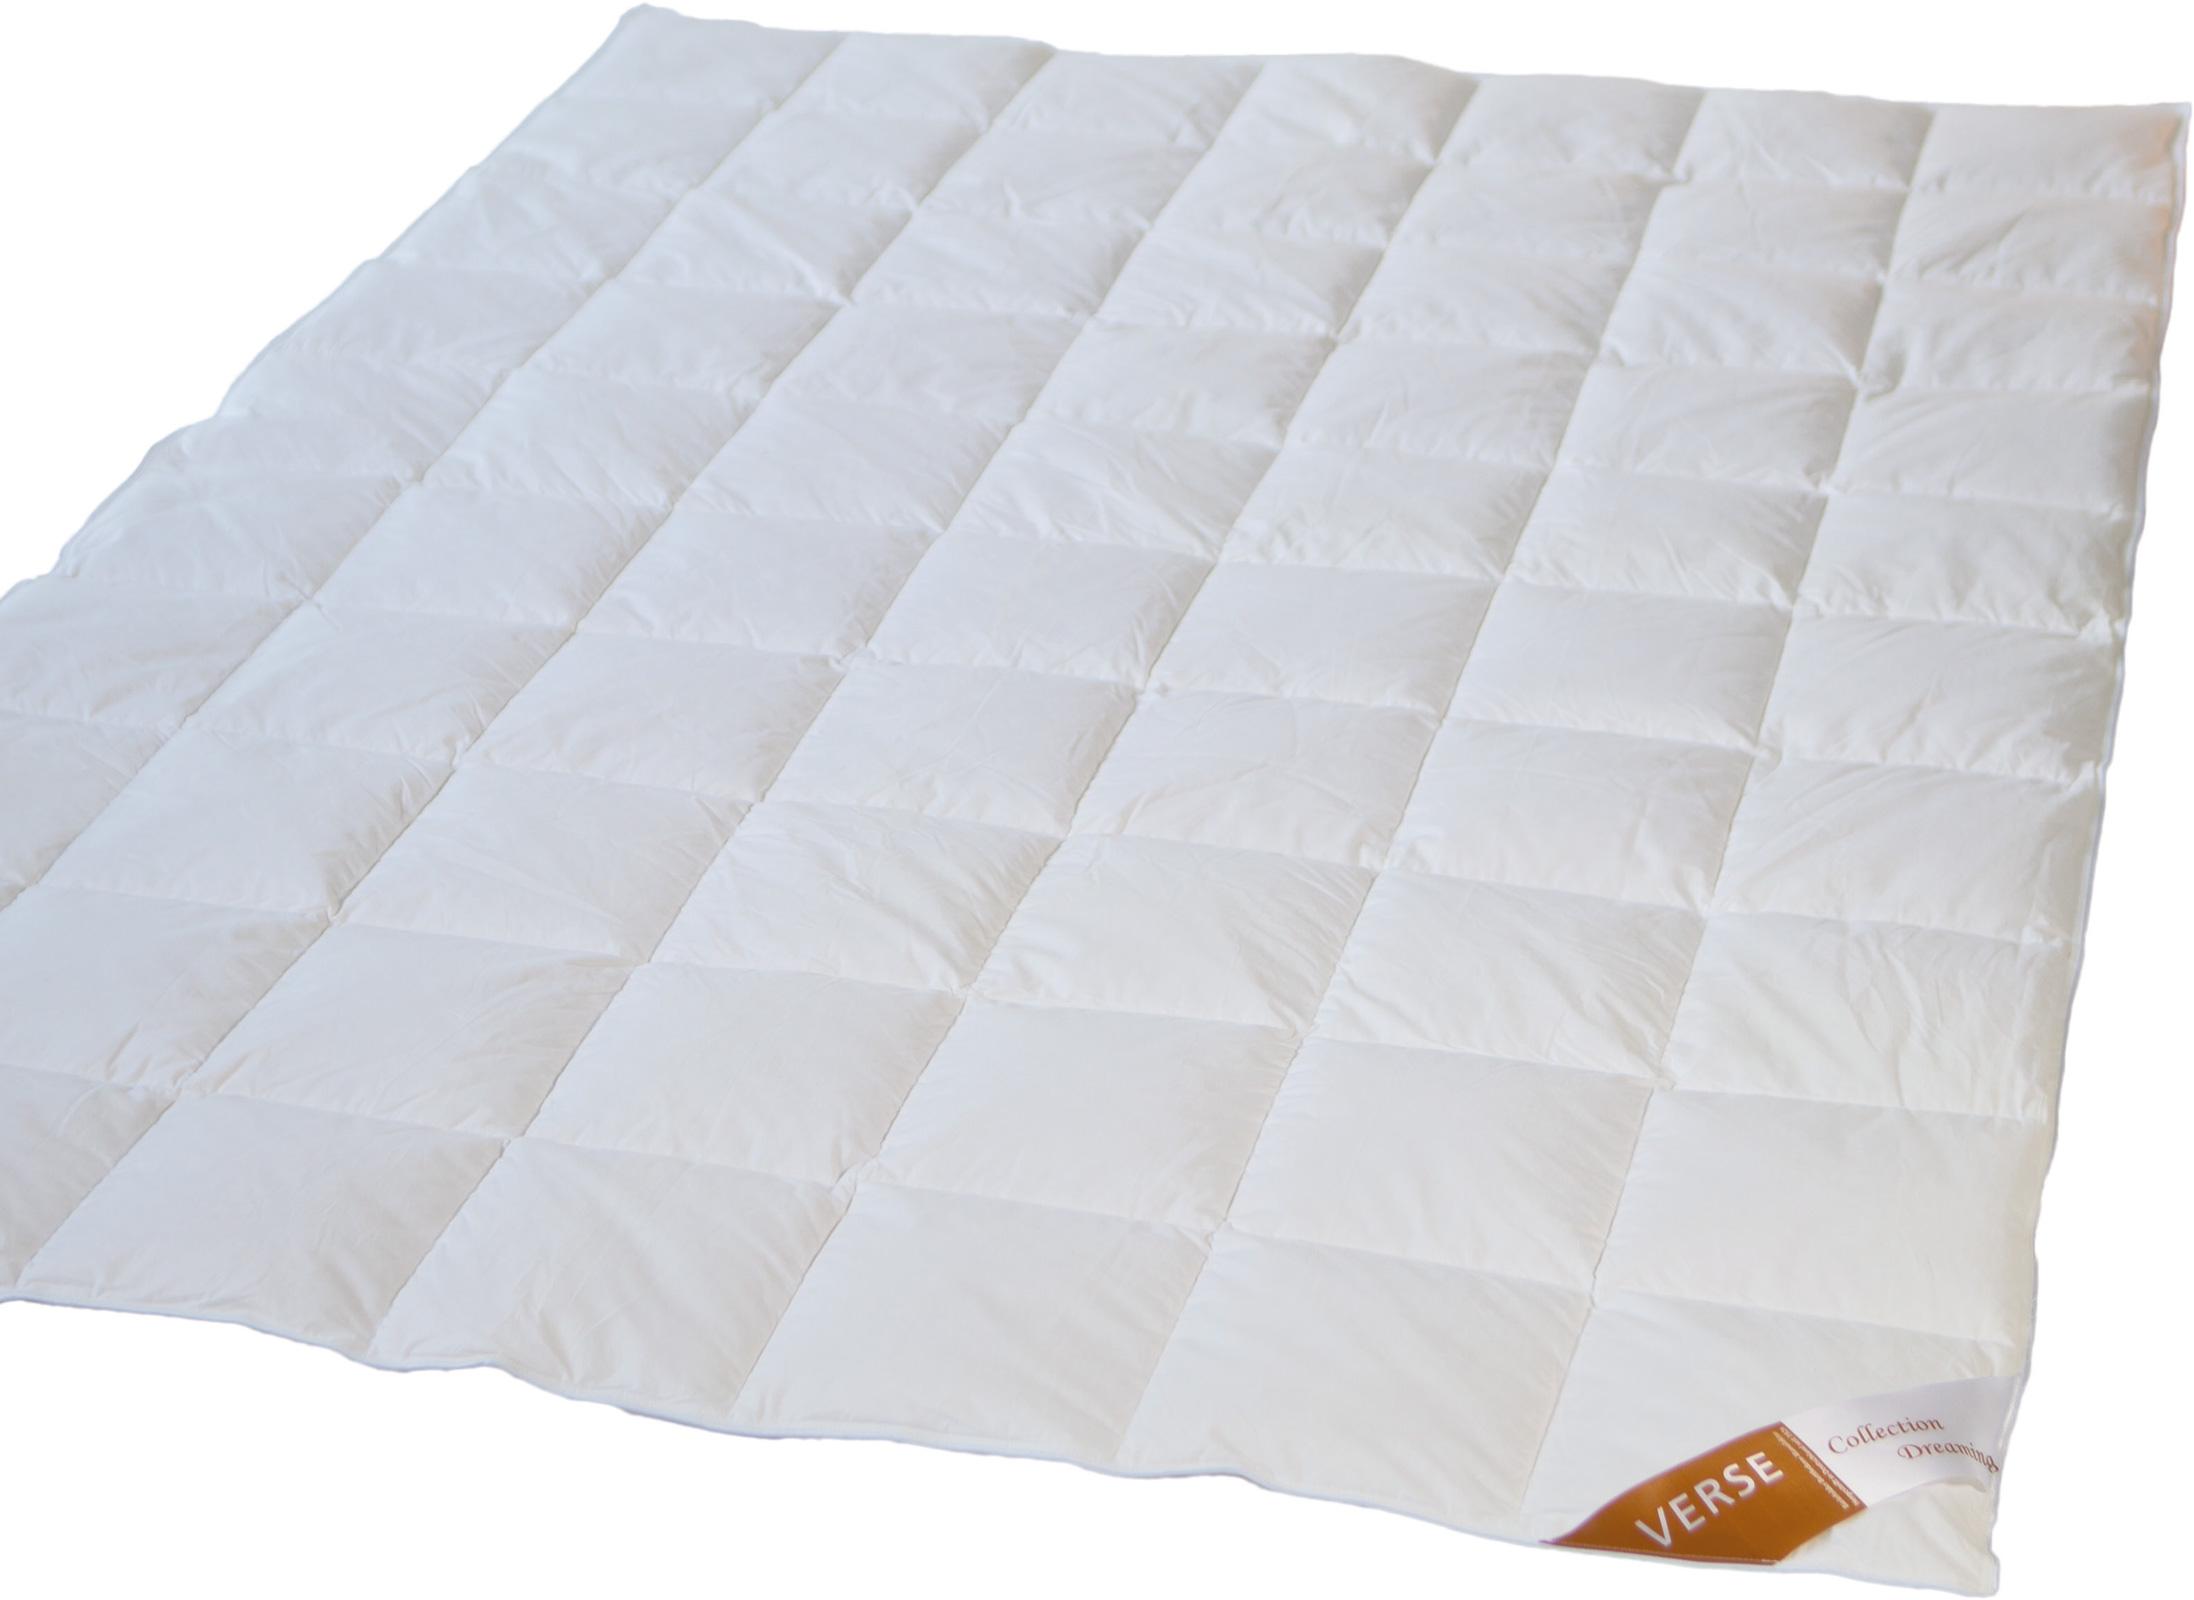 Bettdecken und Kopfkissen - Sommerdecke Daunen Bettdecke Verse Collection Dreaming 135x200 90 Daune 10 Feder  - Onlineshop PremiumShop321